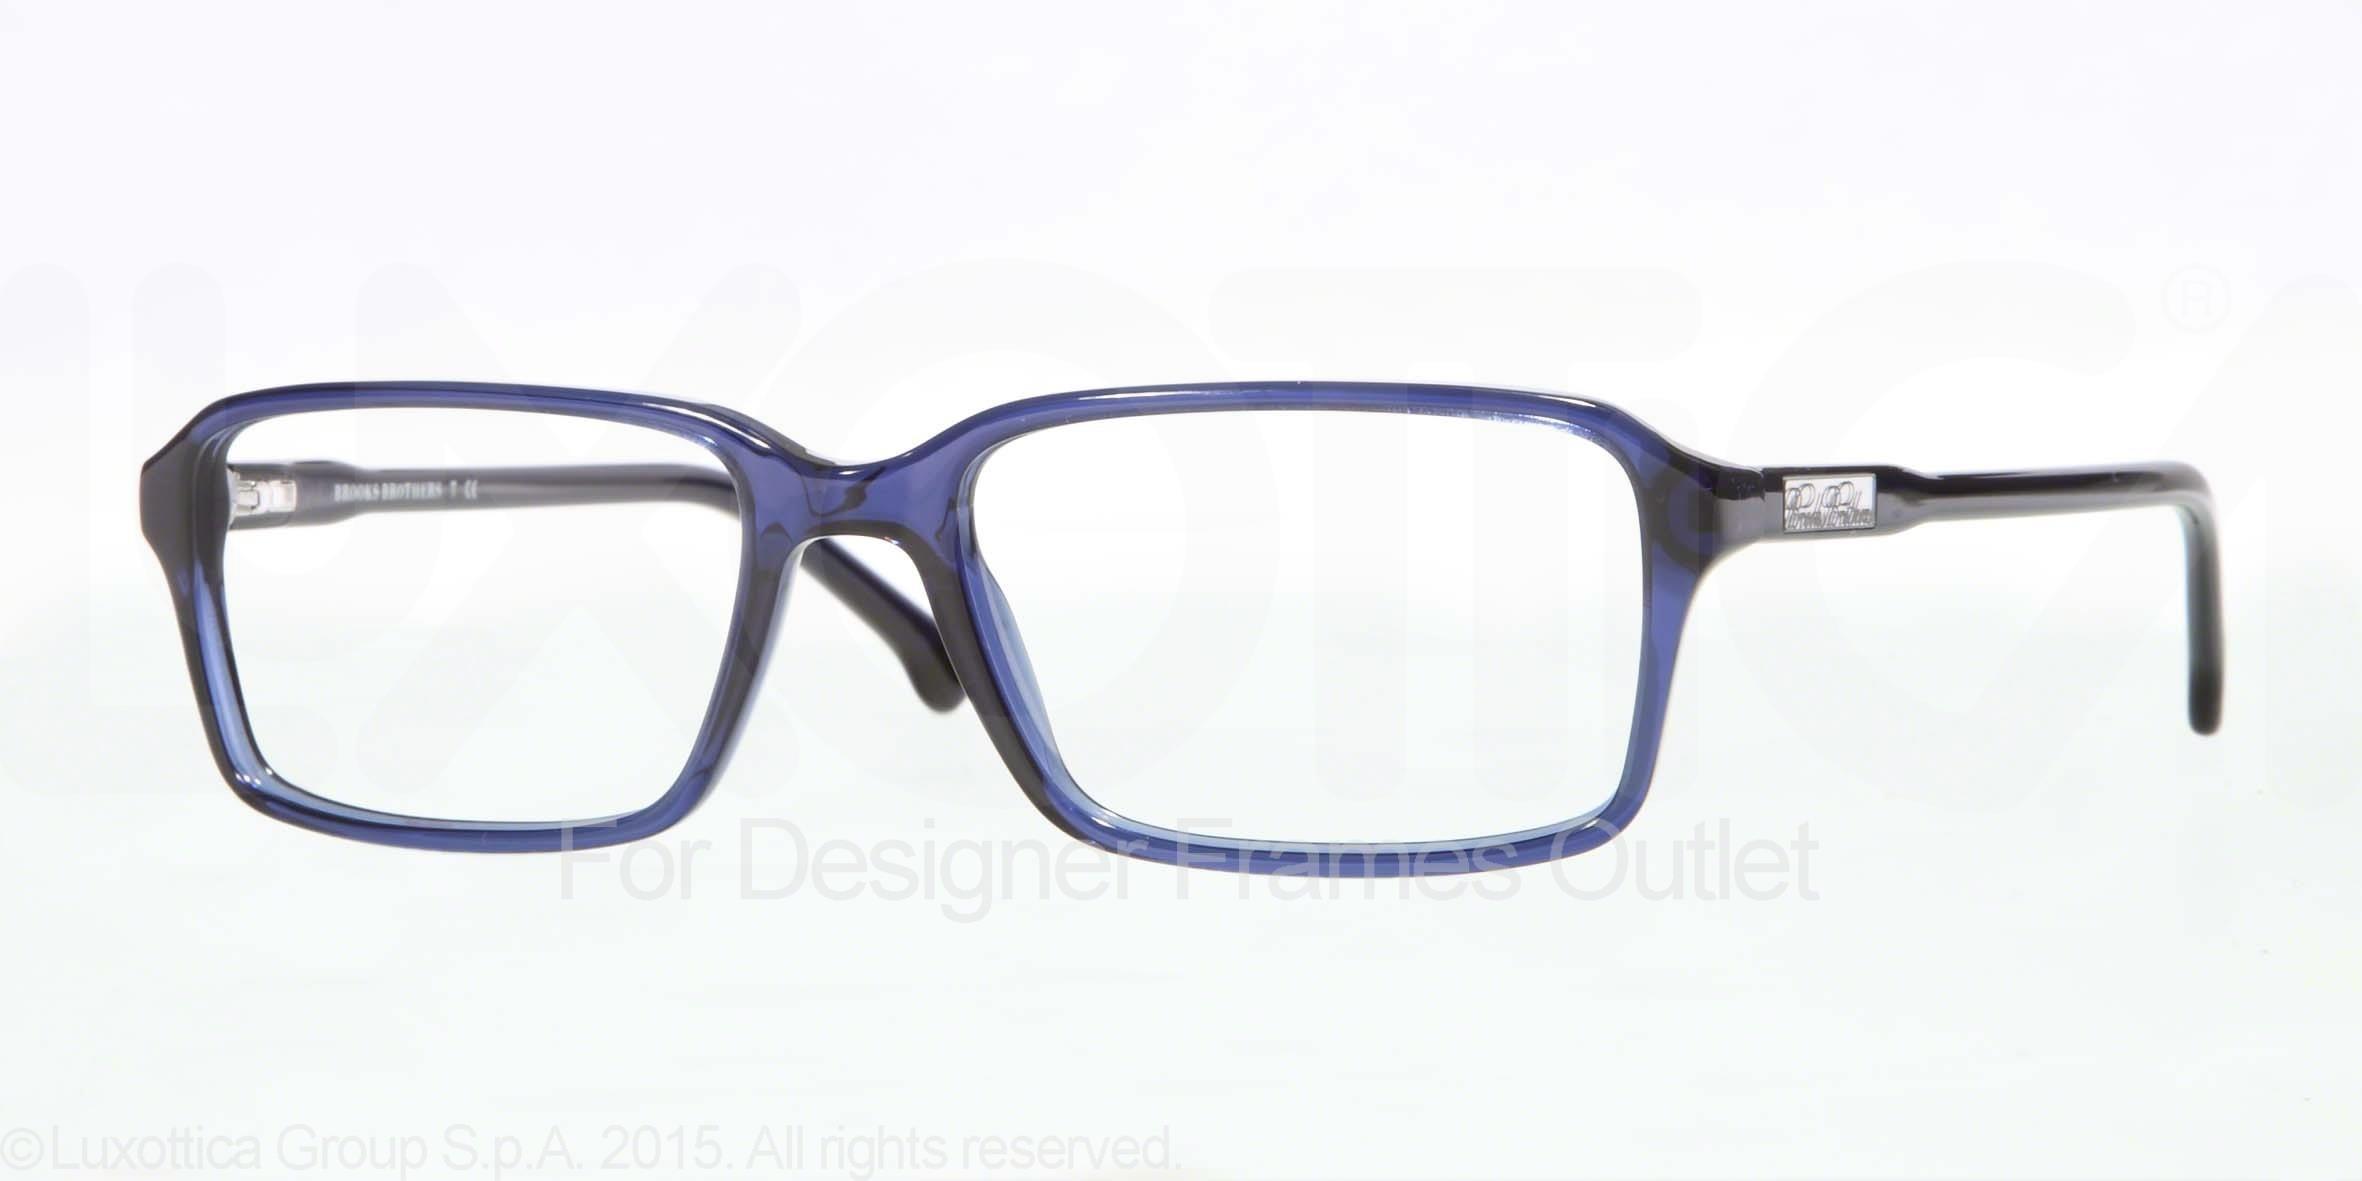 6070 Blue